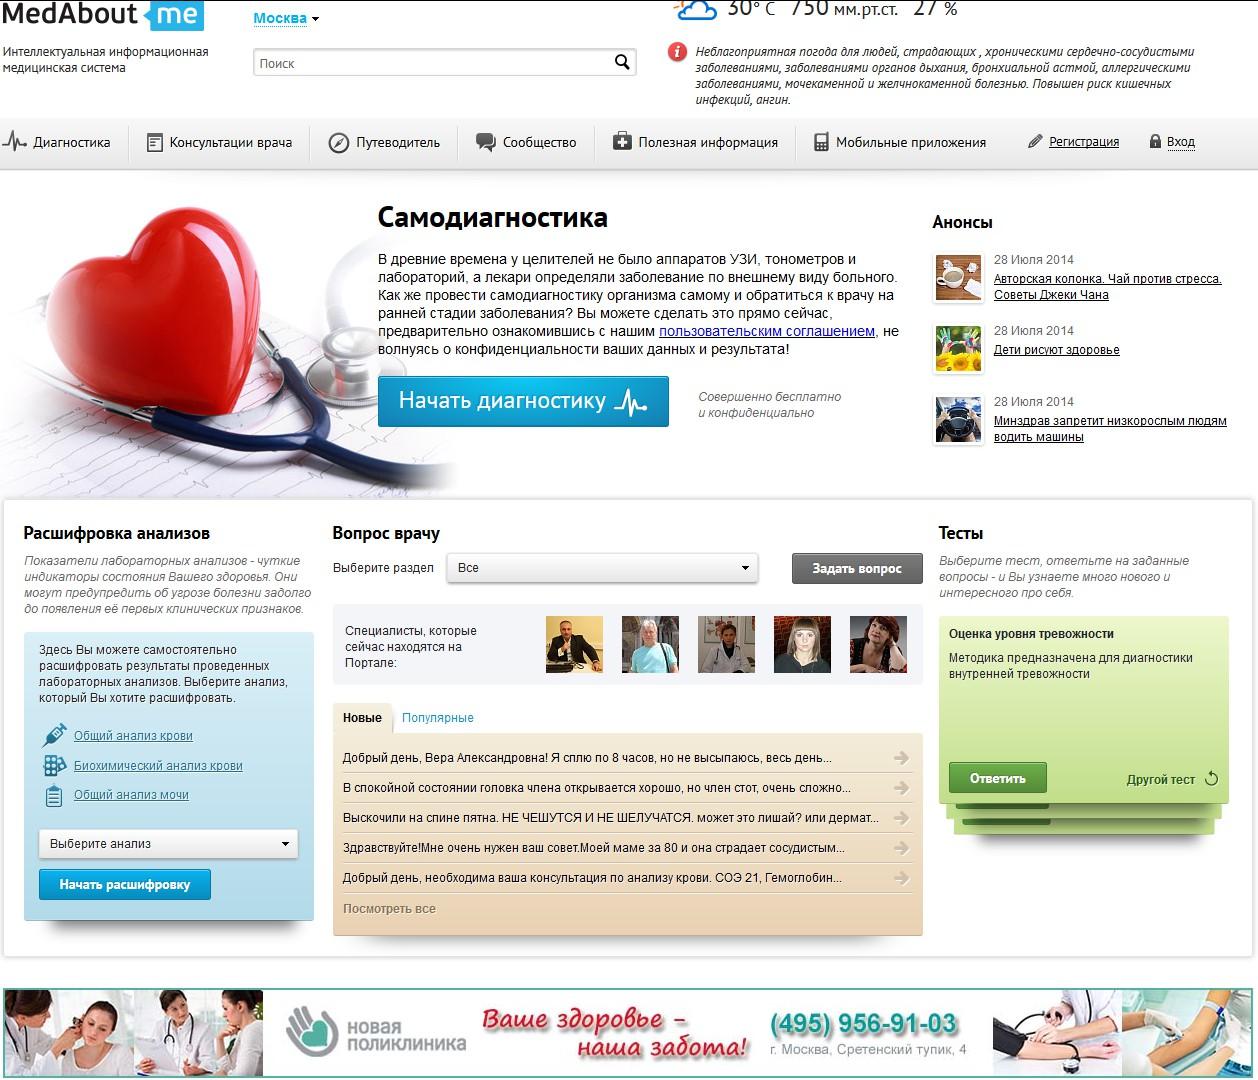 Интеллектуальная медицинская система MedAbout